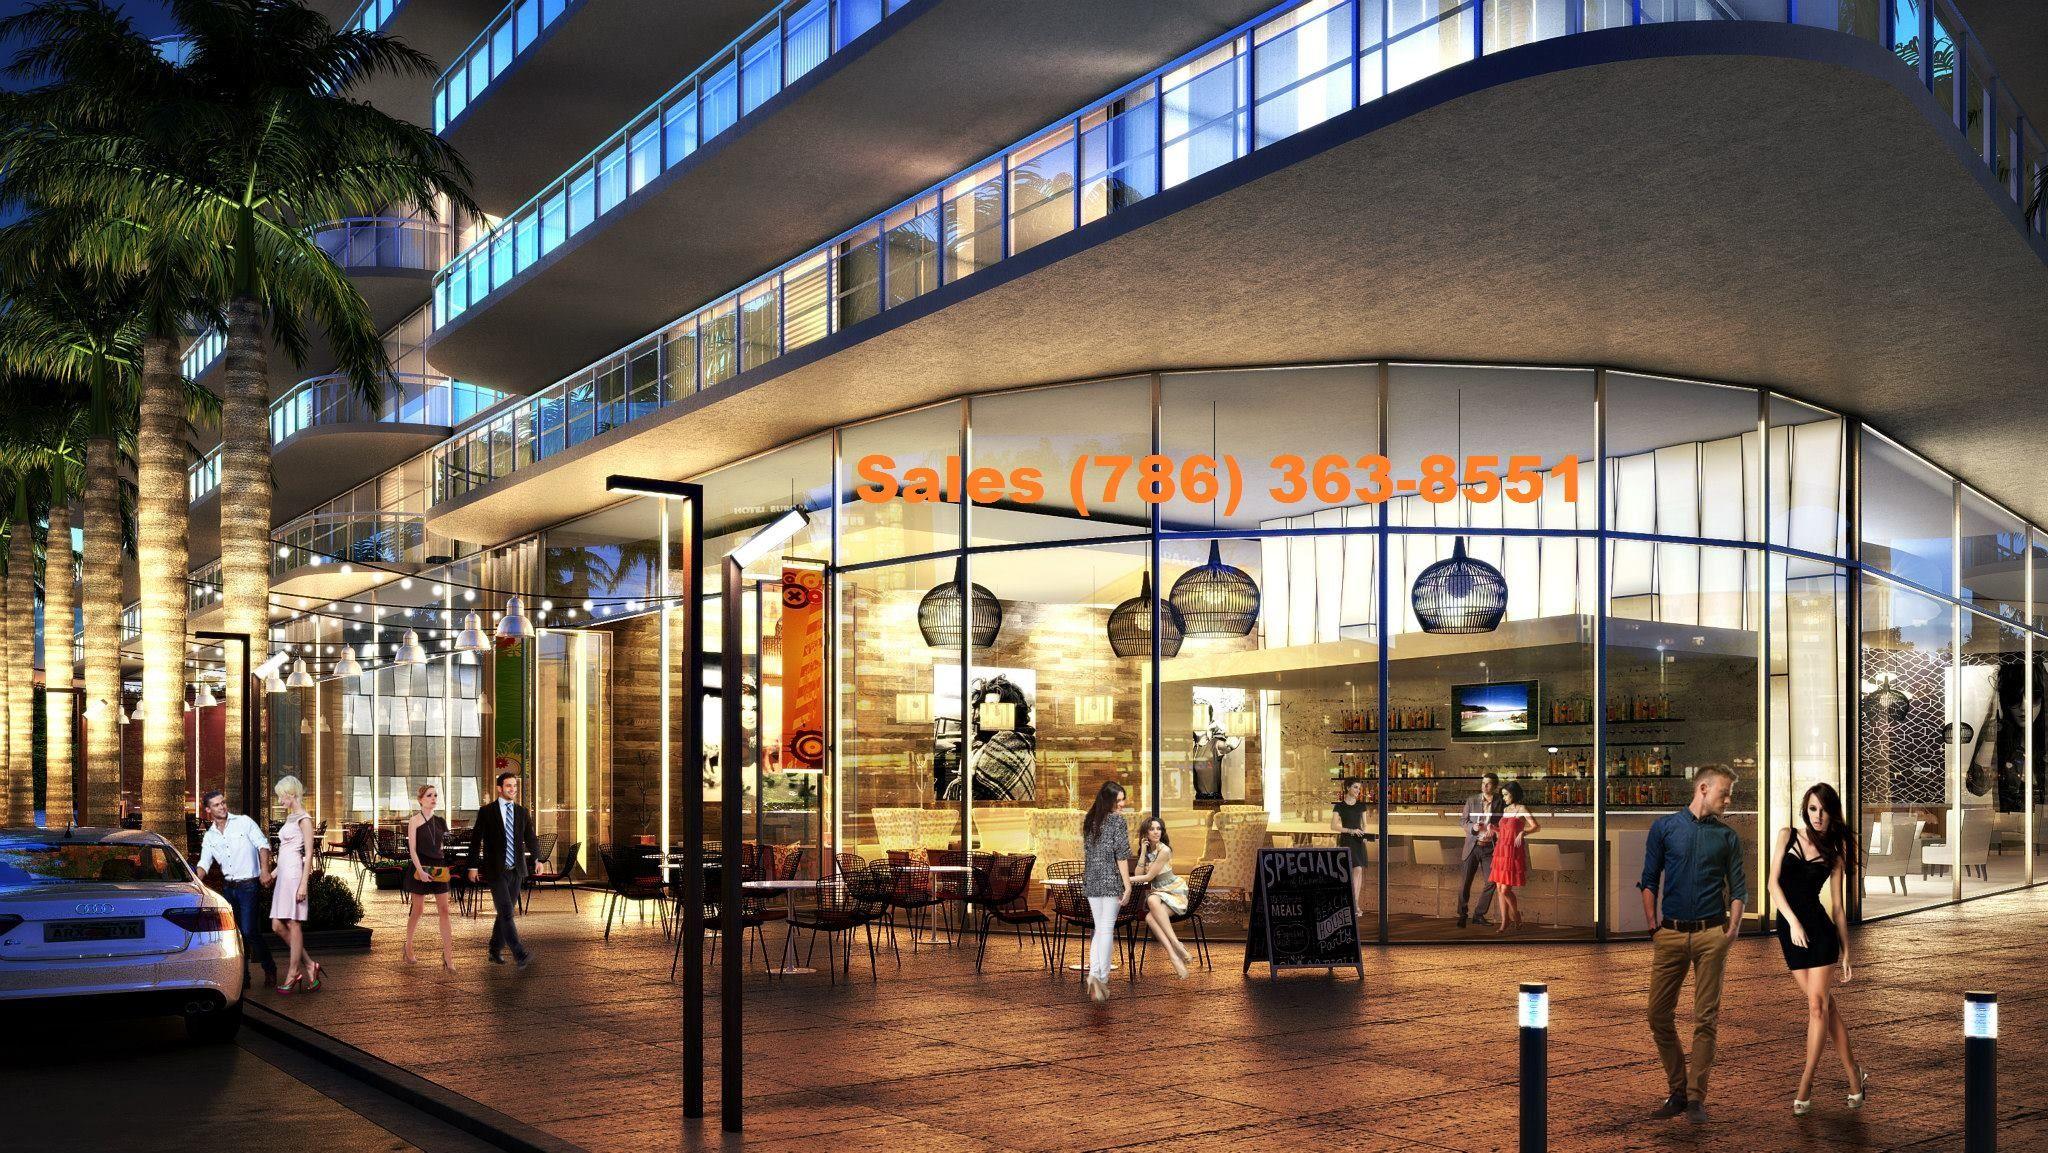 Hyde Midtown Miami Condos Sales 786 363 8551 Http Www Brosdaandbentley Com Condo Bathroom Bathroom Interior Modern Bathroom Design